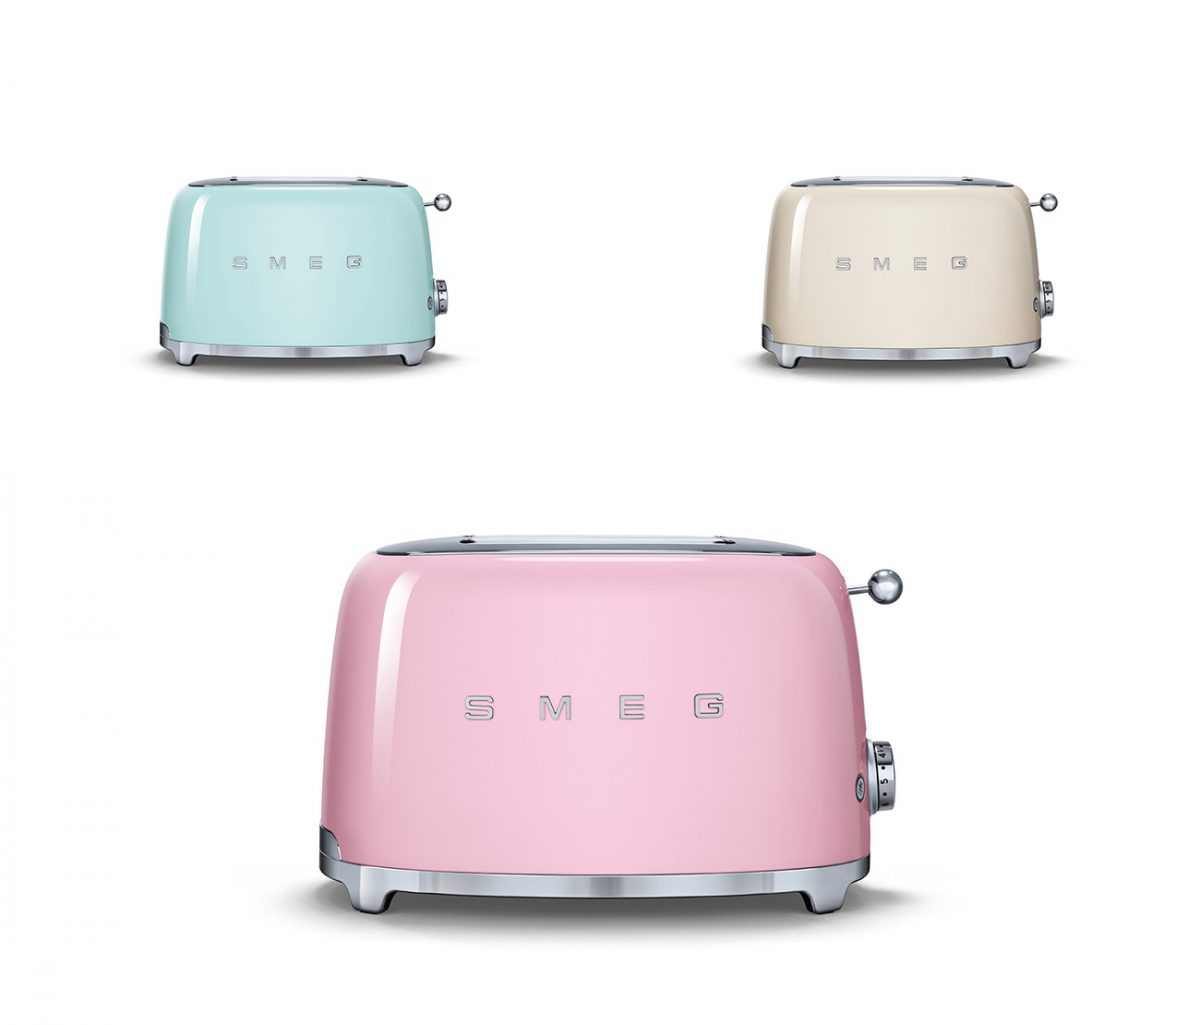 Neue Küchengeräte von SMEG - Wohnkonfetti